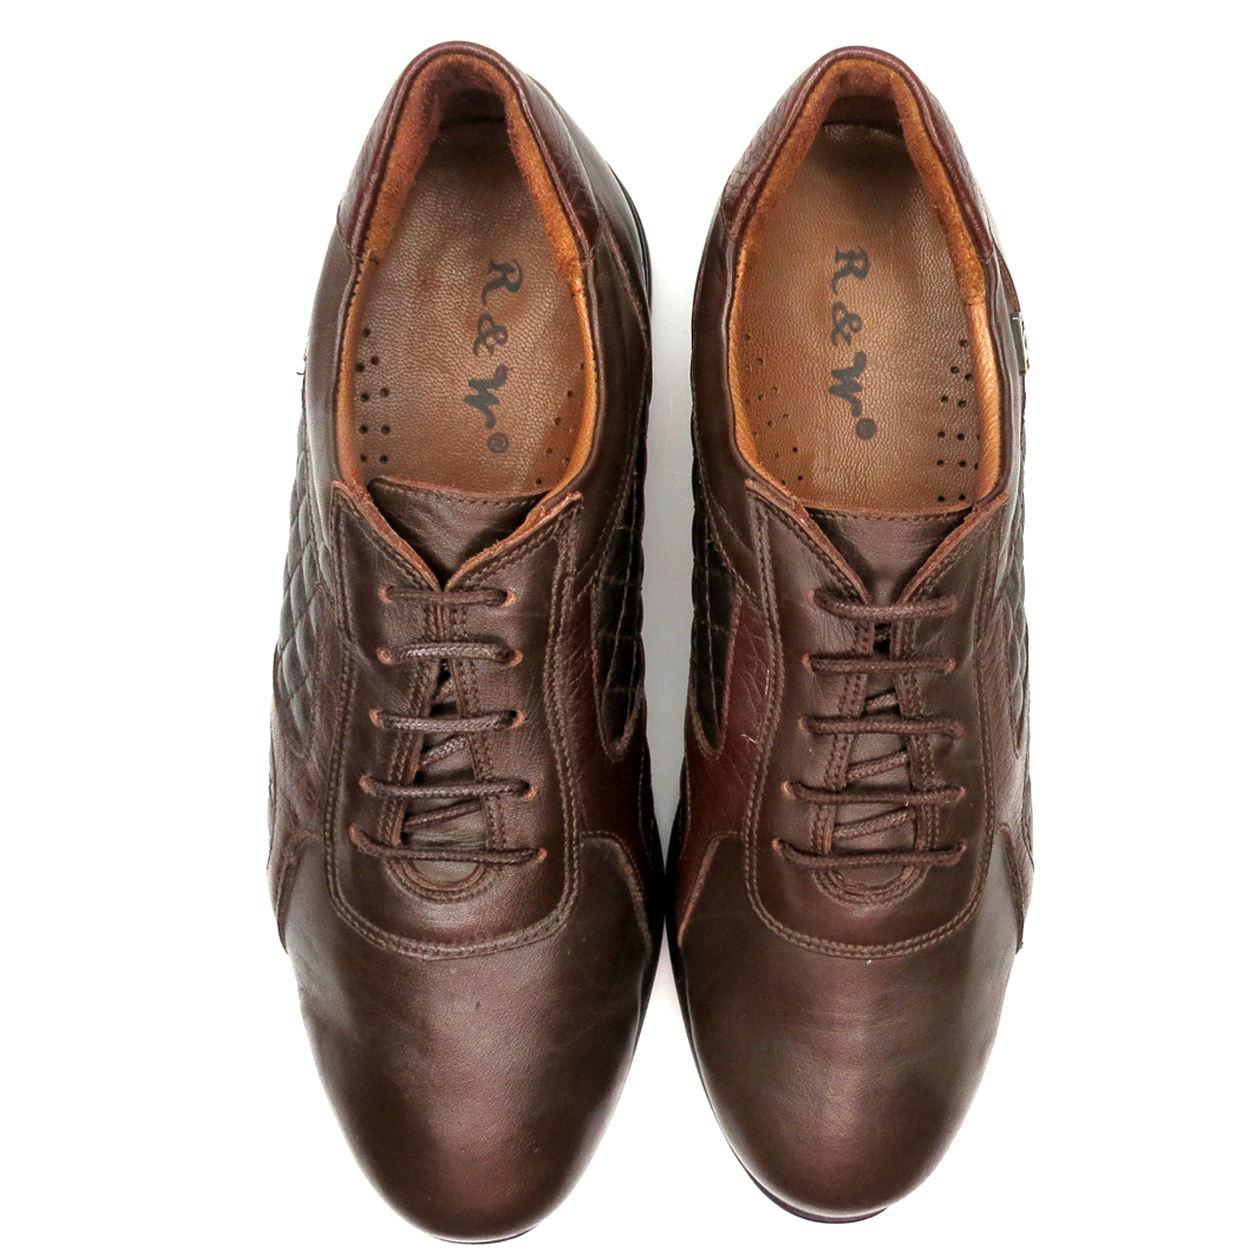 کفش روزمره زنانه آر اند دبلیو مدل 761 رنگ قهوه ای -  - 7